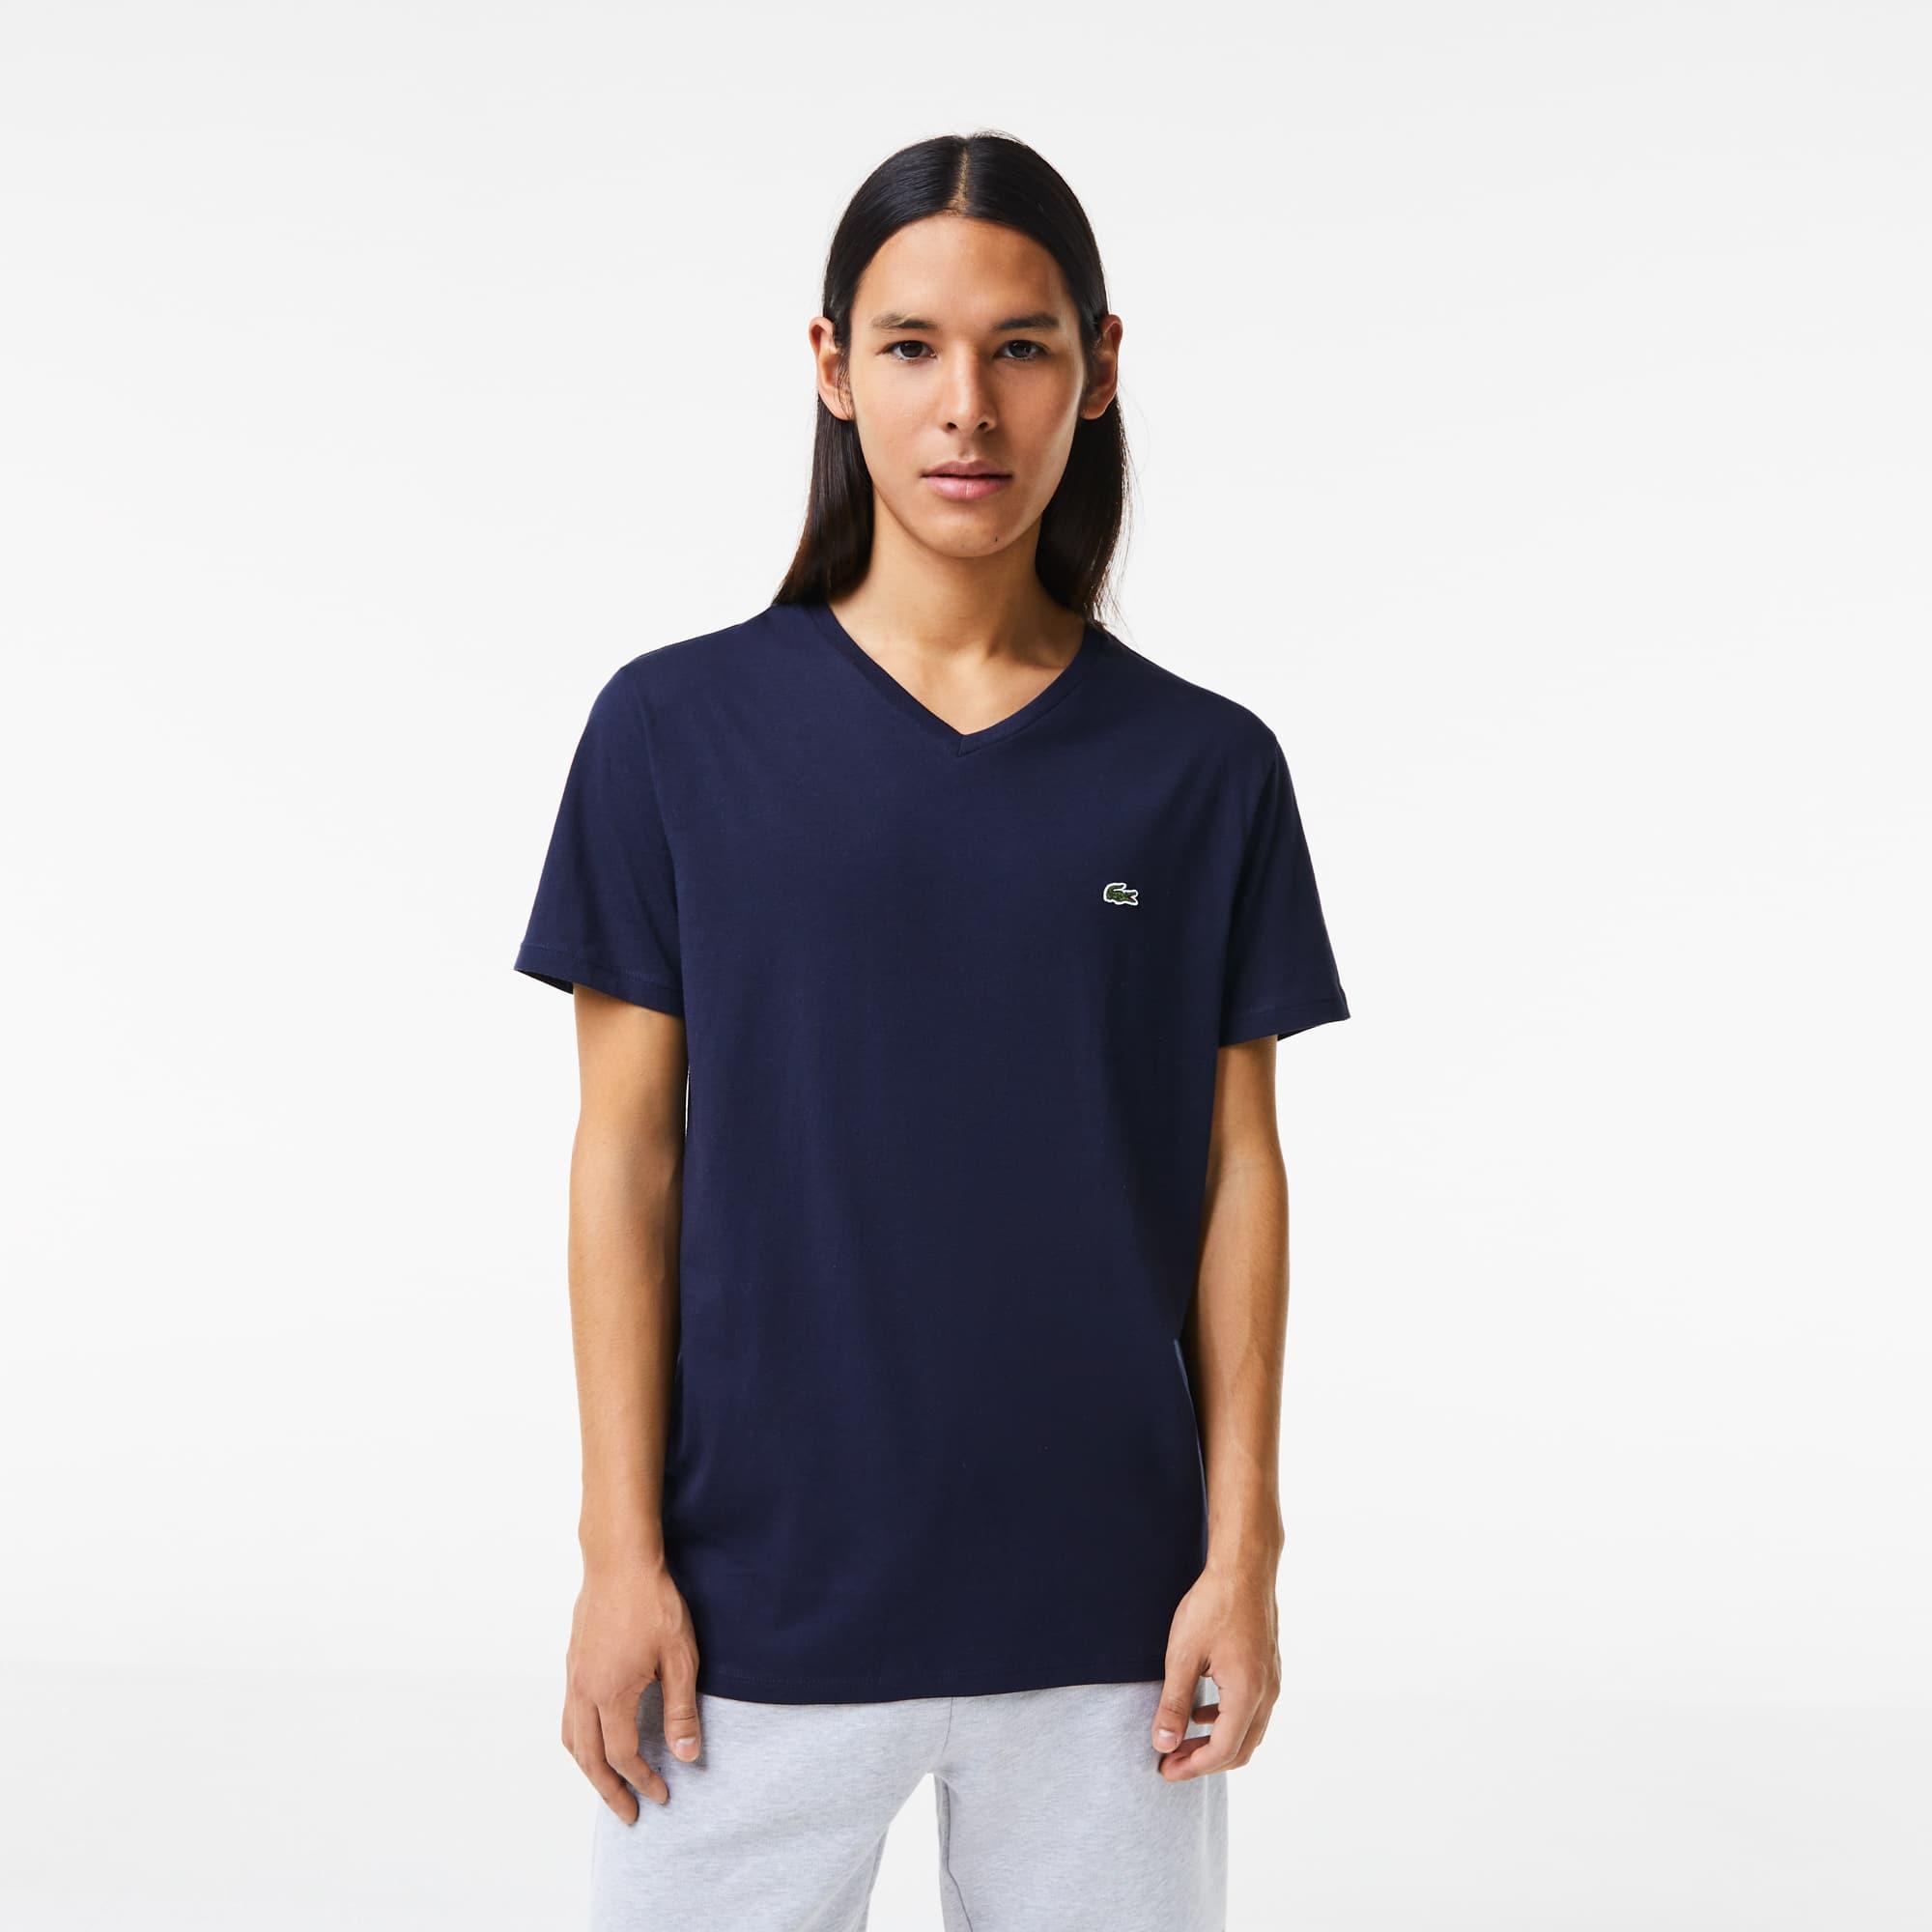 f275710443 Lacoste Homme Vêtements, Chaussures & Plus. Lacoste.com